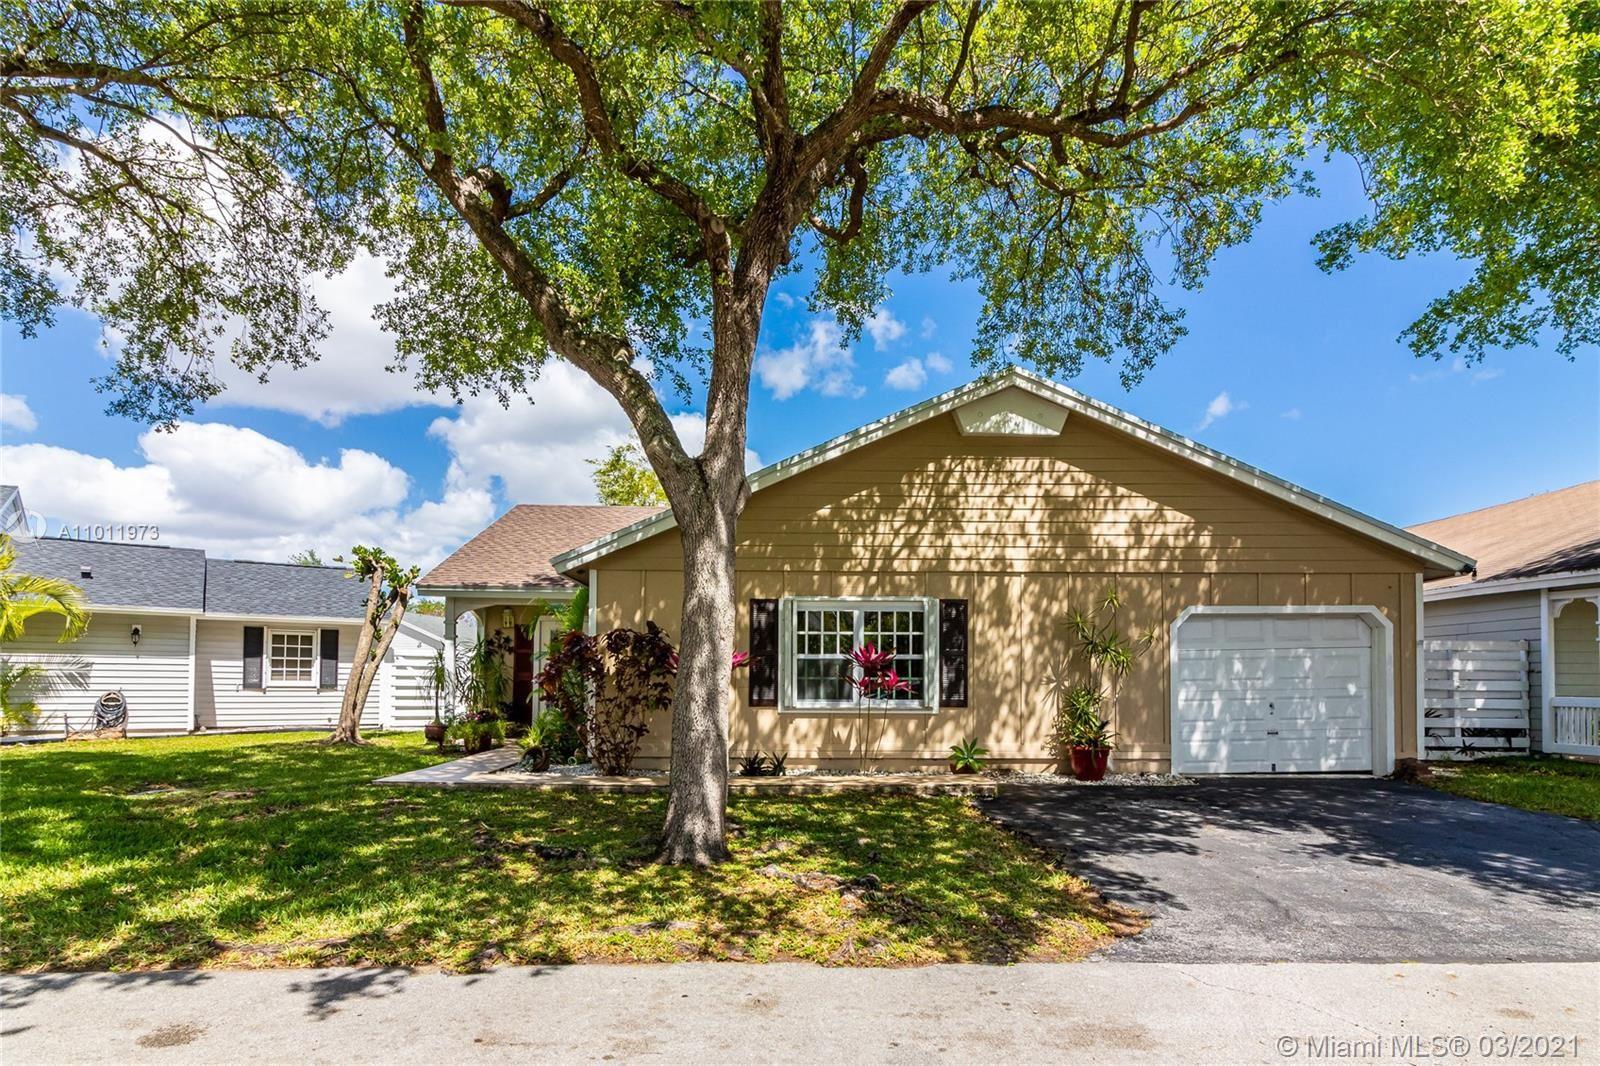 14917 SW 140th Ct, Miami, FL 33186 - #: A11011973